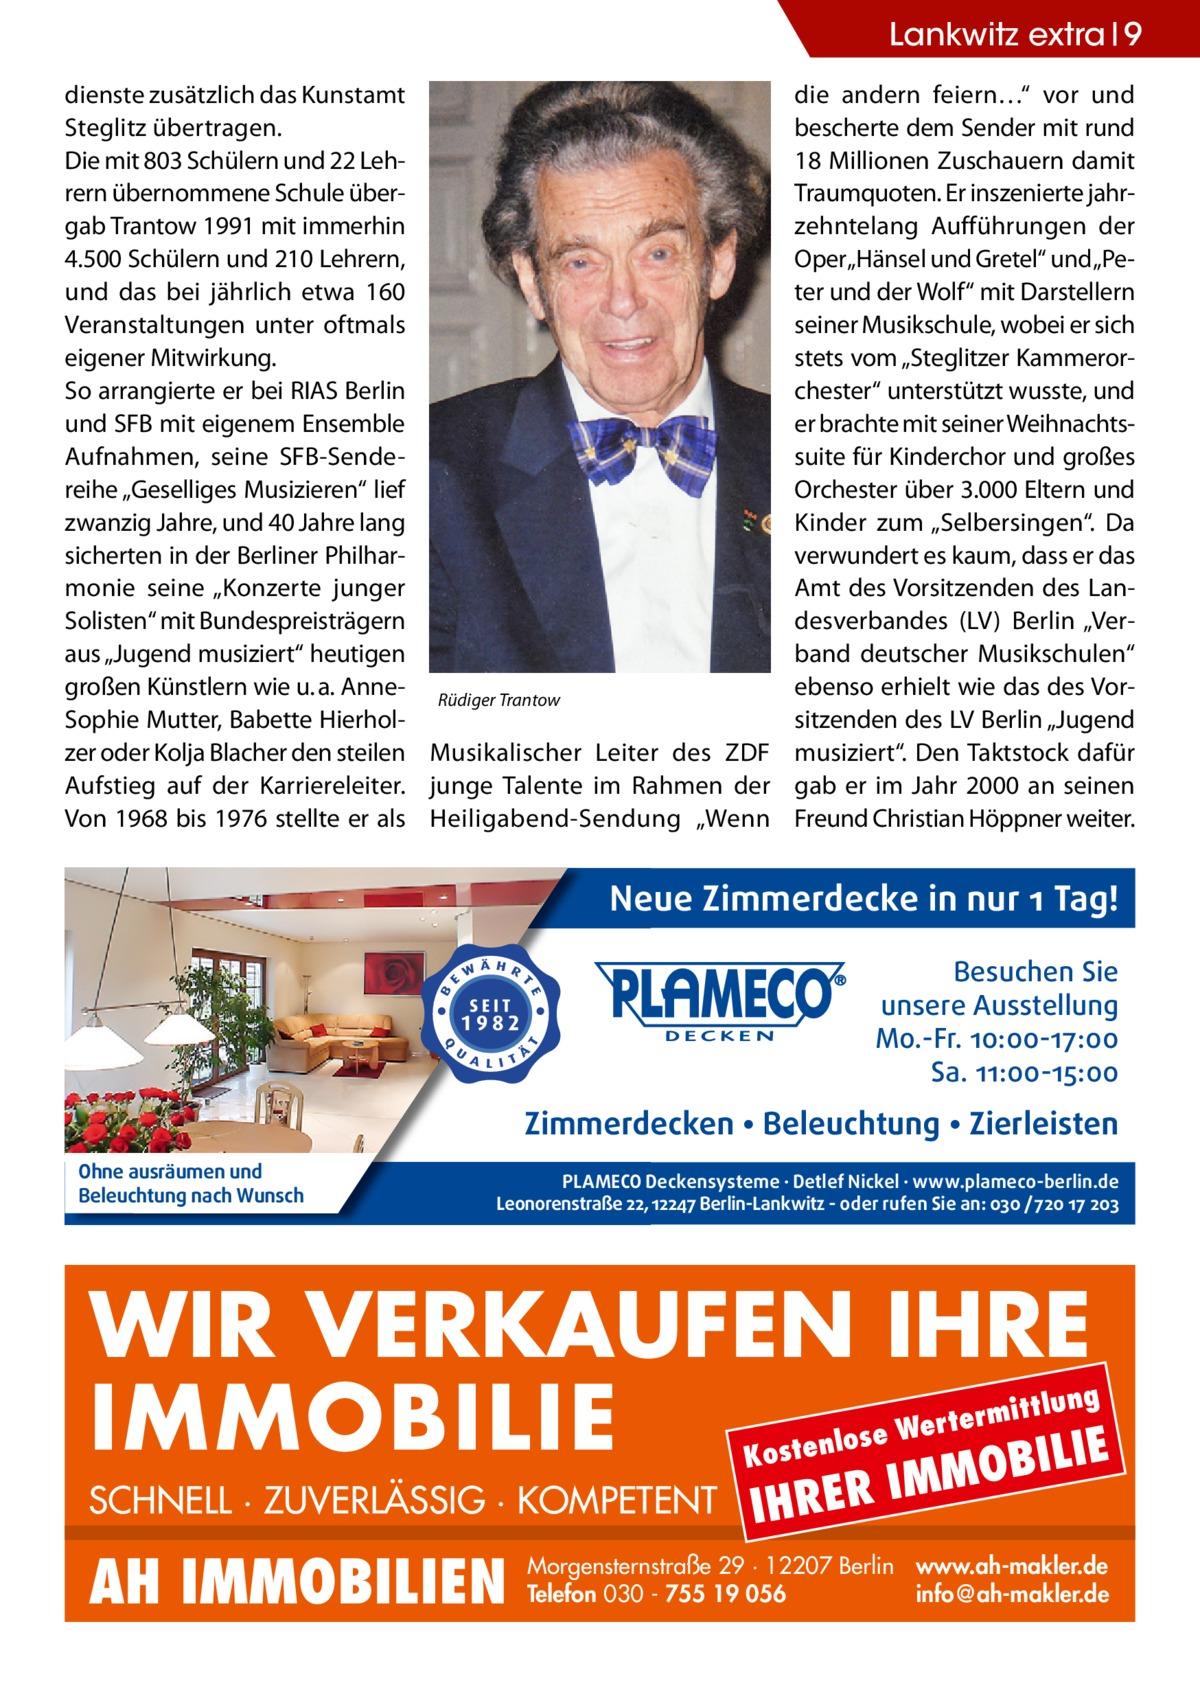 """Lankwitz extra 9 dienste zusätzlich das Kunstamt Steglitz übertragen. Die mit 803 Schülern und 22 Lehrern übernommene Schule übergab Trantow 1991 mit immerhin 4.500 Schülern und 210 Lehrern, und das bei jährlich etwa 160 Veranstaltungen unter oftmals eigener Mitwirkung. So arrangierte er bei RIAS Berlin und SFB mit eigenem Ensemble Aufnahmen, seine SFB-Sendereihe """"Geselliges Musizieren"""" lief zwanzig Jahre, und 40Jahre lang sicherten in der Berliner Philharmonie seine """"Konzerte junger Solisten"""" mit Bundespreisträgern aus """"Jugend musiziert"""" heutigen großen Künstlern wie u.a. Anne- Rüdiger Trantow Sophie Mutter, Babette Hierholzer oder Kolja Blacher den steilen Musikalischer Leiter des ZDF Aufstieg auf der Karriereleiter. junge Talente im Rahmen der Von 1968 bis 1976 stellte er als Heiligabend-Sendung """"Wenn  die andern feiern…"""" vor und bescherte dem Sender mit rund 18Millionen Zuschauern damit Traumquoten. Er inszenierte jahrzehntelang Aufführungen der Oper""""Hänsel und Gretel"""" und""""Peter und der Wolf"""" mit Darstellern seiner Musikschule, wobei er sich stets vom """"Steglitzer Kammerorchester"""" unterstützt wusste, und er brachte mit seiner Weihnachtssuite für Kinderchor und großes Orchester über 3.000 Eltern und Kinder zum """"Selbersingen"""". Da verwundert es kaum, dass er das Amt des Vorsitzenden des Landesverbandes (LV) Berlin """"Verband deutscher Musikschulen"""" ebenso erhielt wie das des Vorsitzenden des LV Berlin """"Jugend musiziert"""". Den Taktstock dafür gab er im Jahr 2000 an seinen Freund Christian Höppner weiter.  Neue Zimmerdecke in nur 1 Tag! Besuchen Sie unsere Ausstellung Mo.-Fr. 10:00-17:00 Sa. 11:00-15:00  Zimmerdecken • Beleuchtung • Zierleisten Ohne ausräumen und Beleuchtung nach Wunsch  PLAMECO Deckensysteme ∙ Detlef Nickel ∙ www.plameco-berlin.de Leonorenstraße 22, 12247 Berlin-Lankwitz - oder rufen Sie an: 030 /720 17 203  WIR VERKAUFEN IHRE IMMOBILIE IE MOBIL ittlung  rterm ose We l n e t s o  K  SCHNELL · ZUVERLÄSSIG · KOMPETENT  AH IMMOBILIEN  IHRER  IM  Morgenster"""